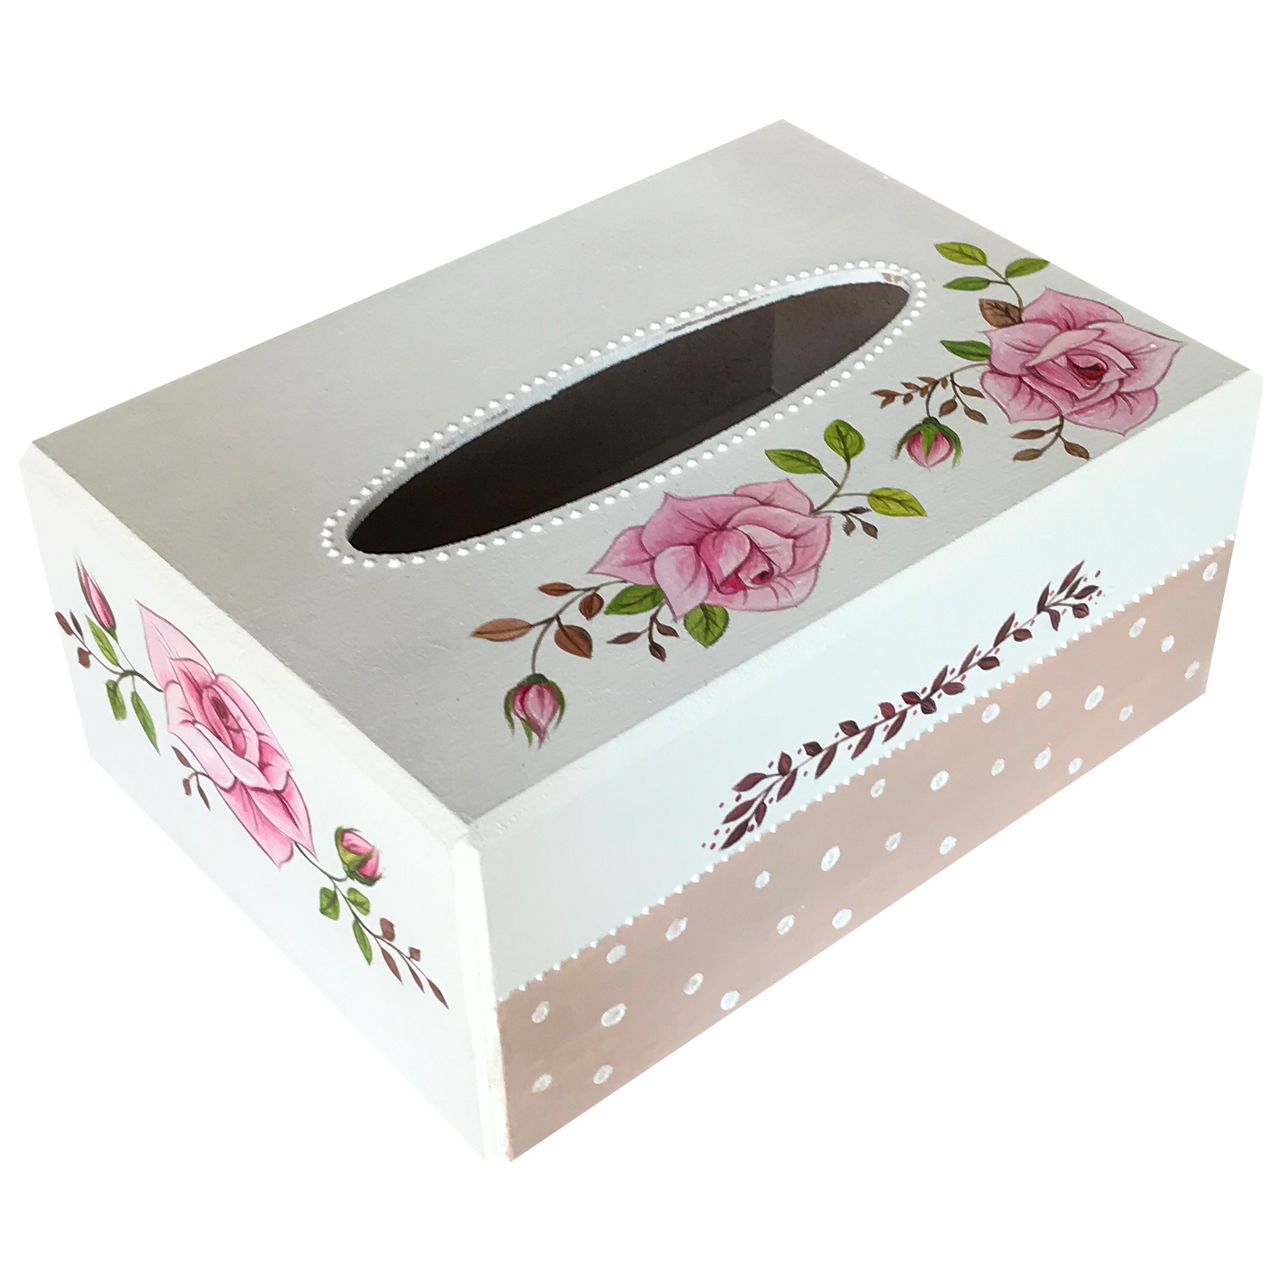 جعبه دستمال کاغذی طرح گل رز کد 2023